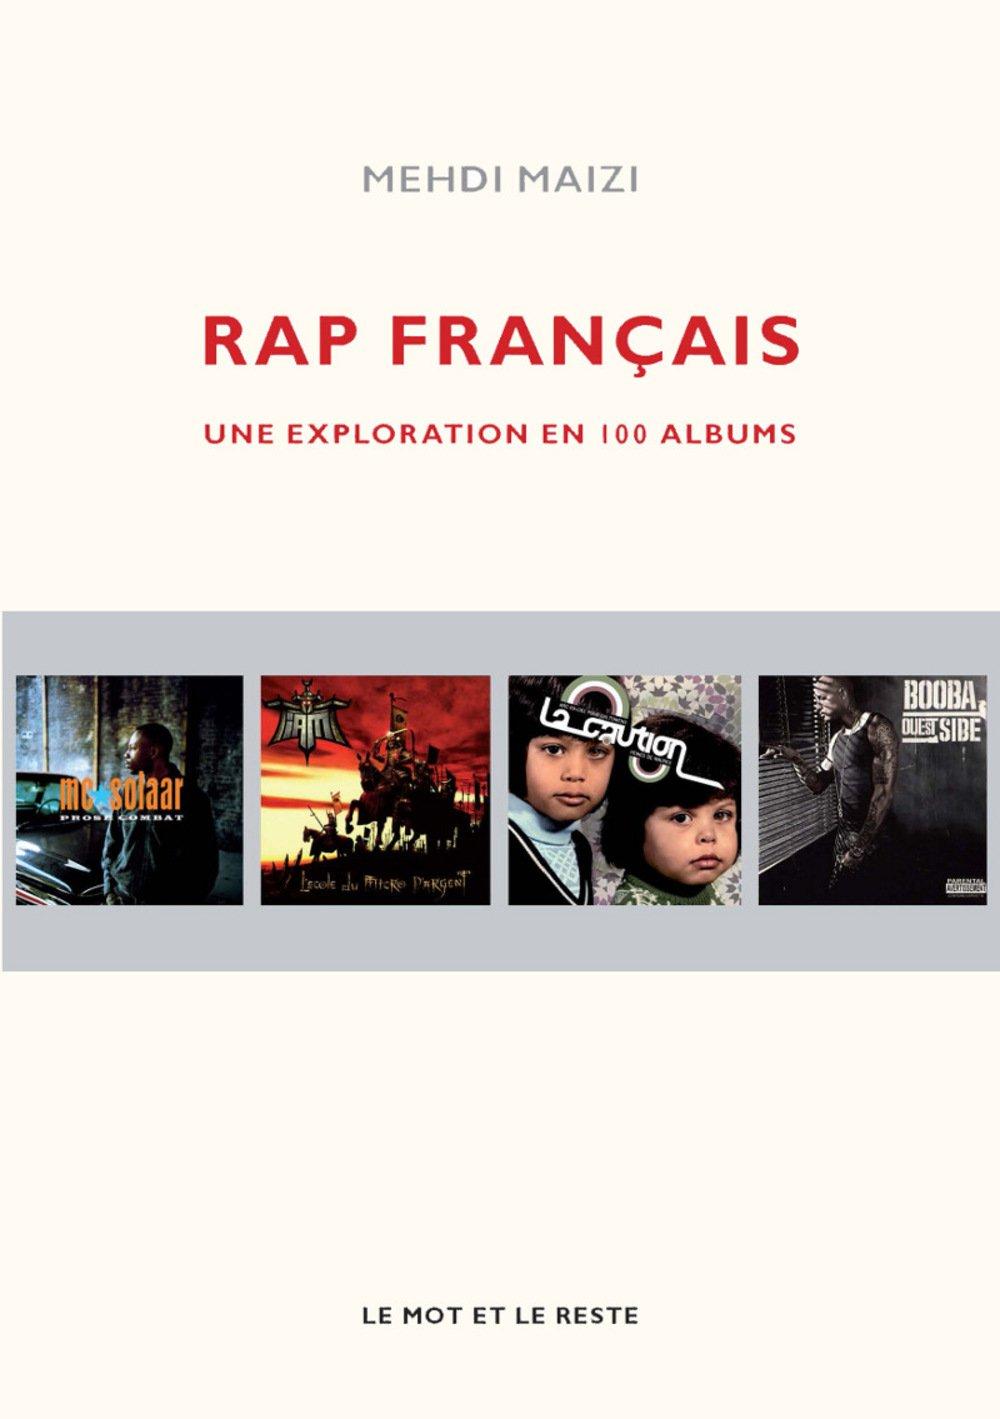 Rap Francais Une Exploration En 100 Albums Mehdi Maizi